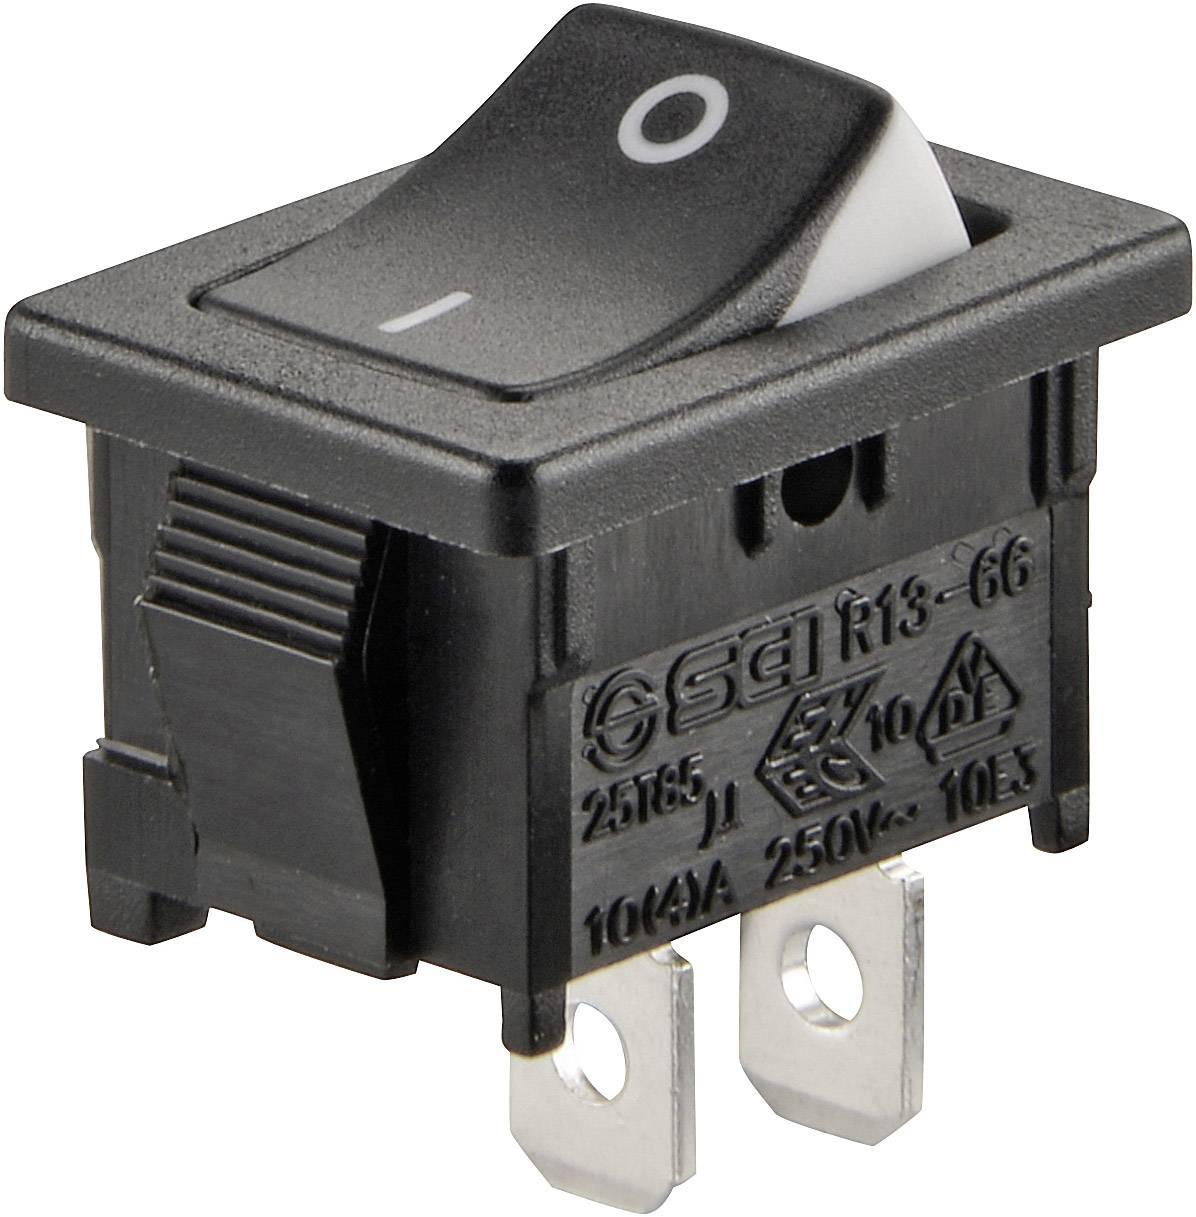 Kolískový spínač SCI R13-66A3-02 s aretáciou 250 V/AC, 6 A, 1x vyp/zap, čierna, biela, 1 ks